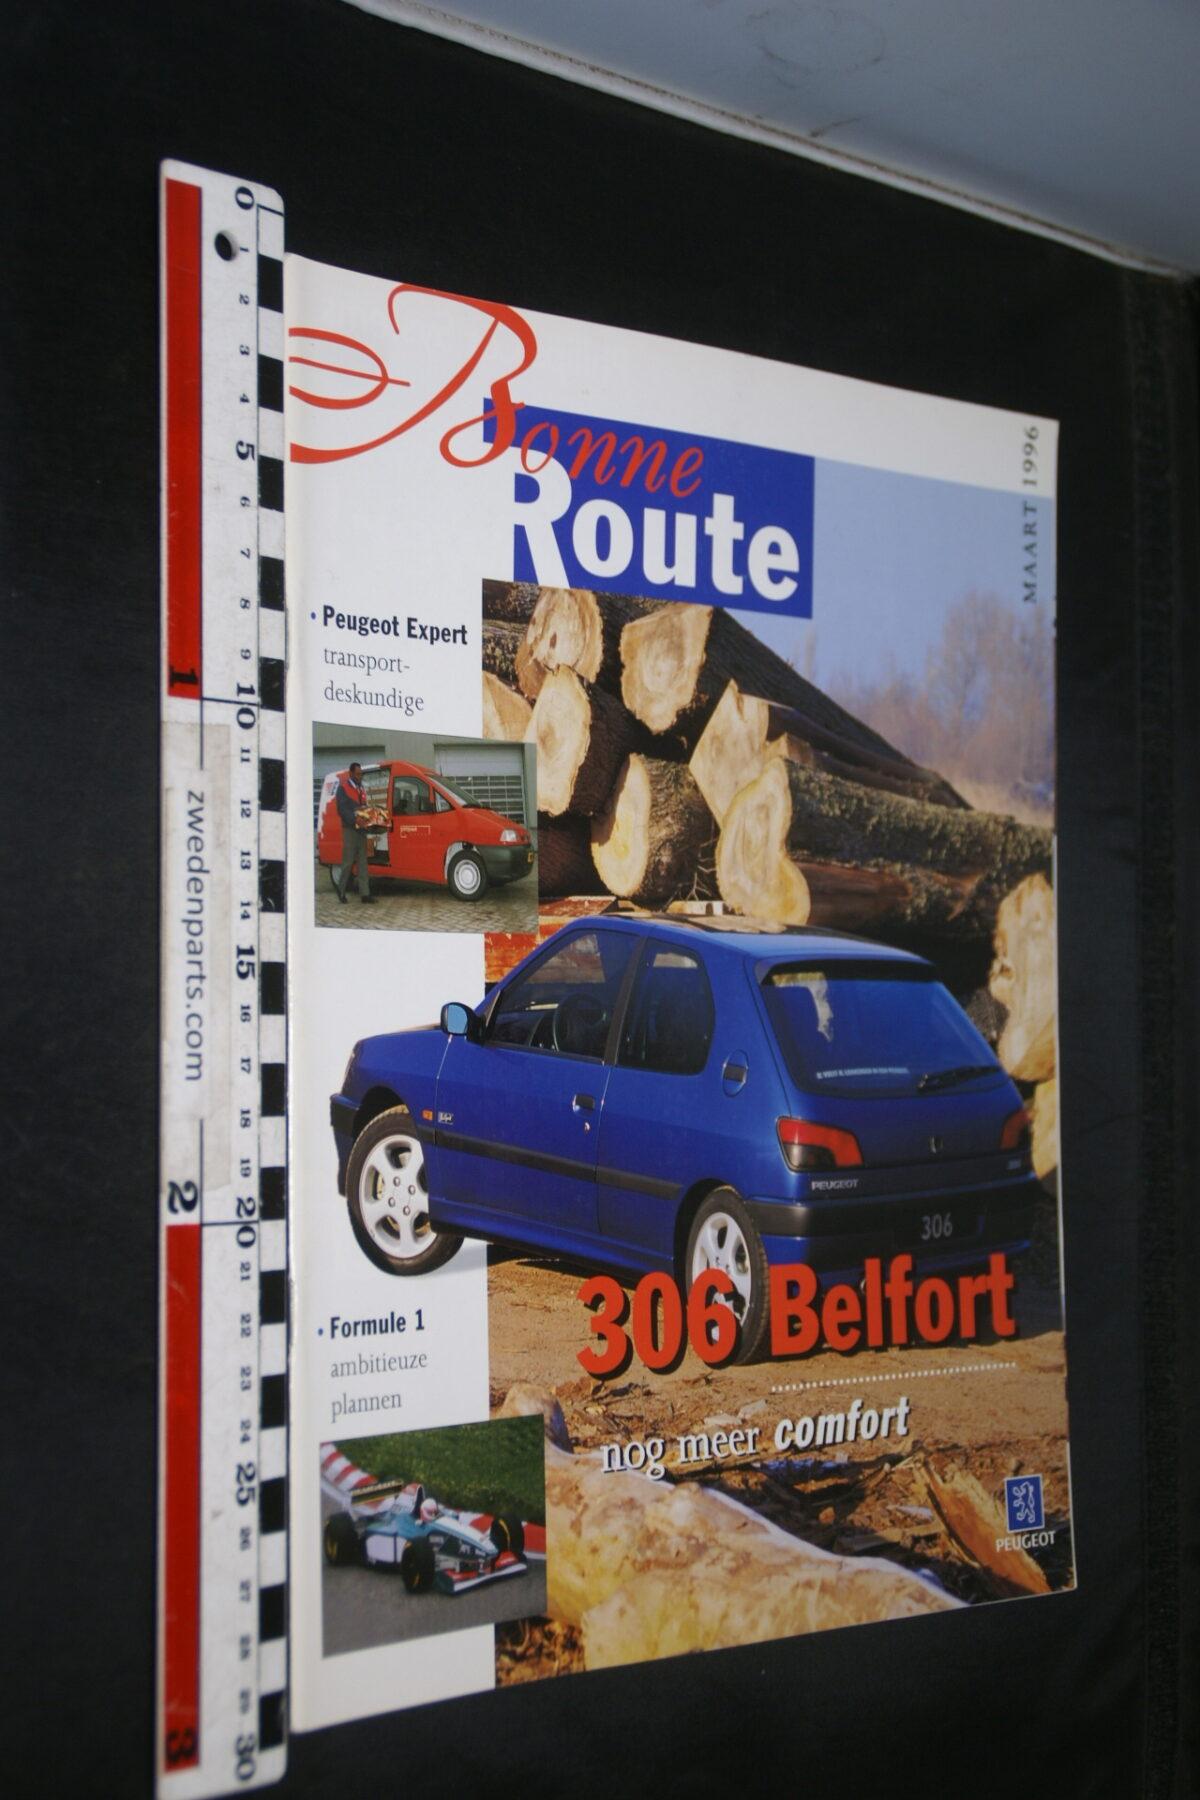 DSC08378 origineel tijdschrift Bonne Route met Renault 306 Belfort-fa73efa3